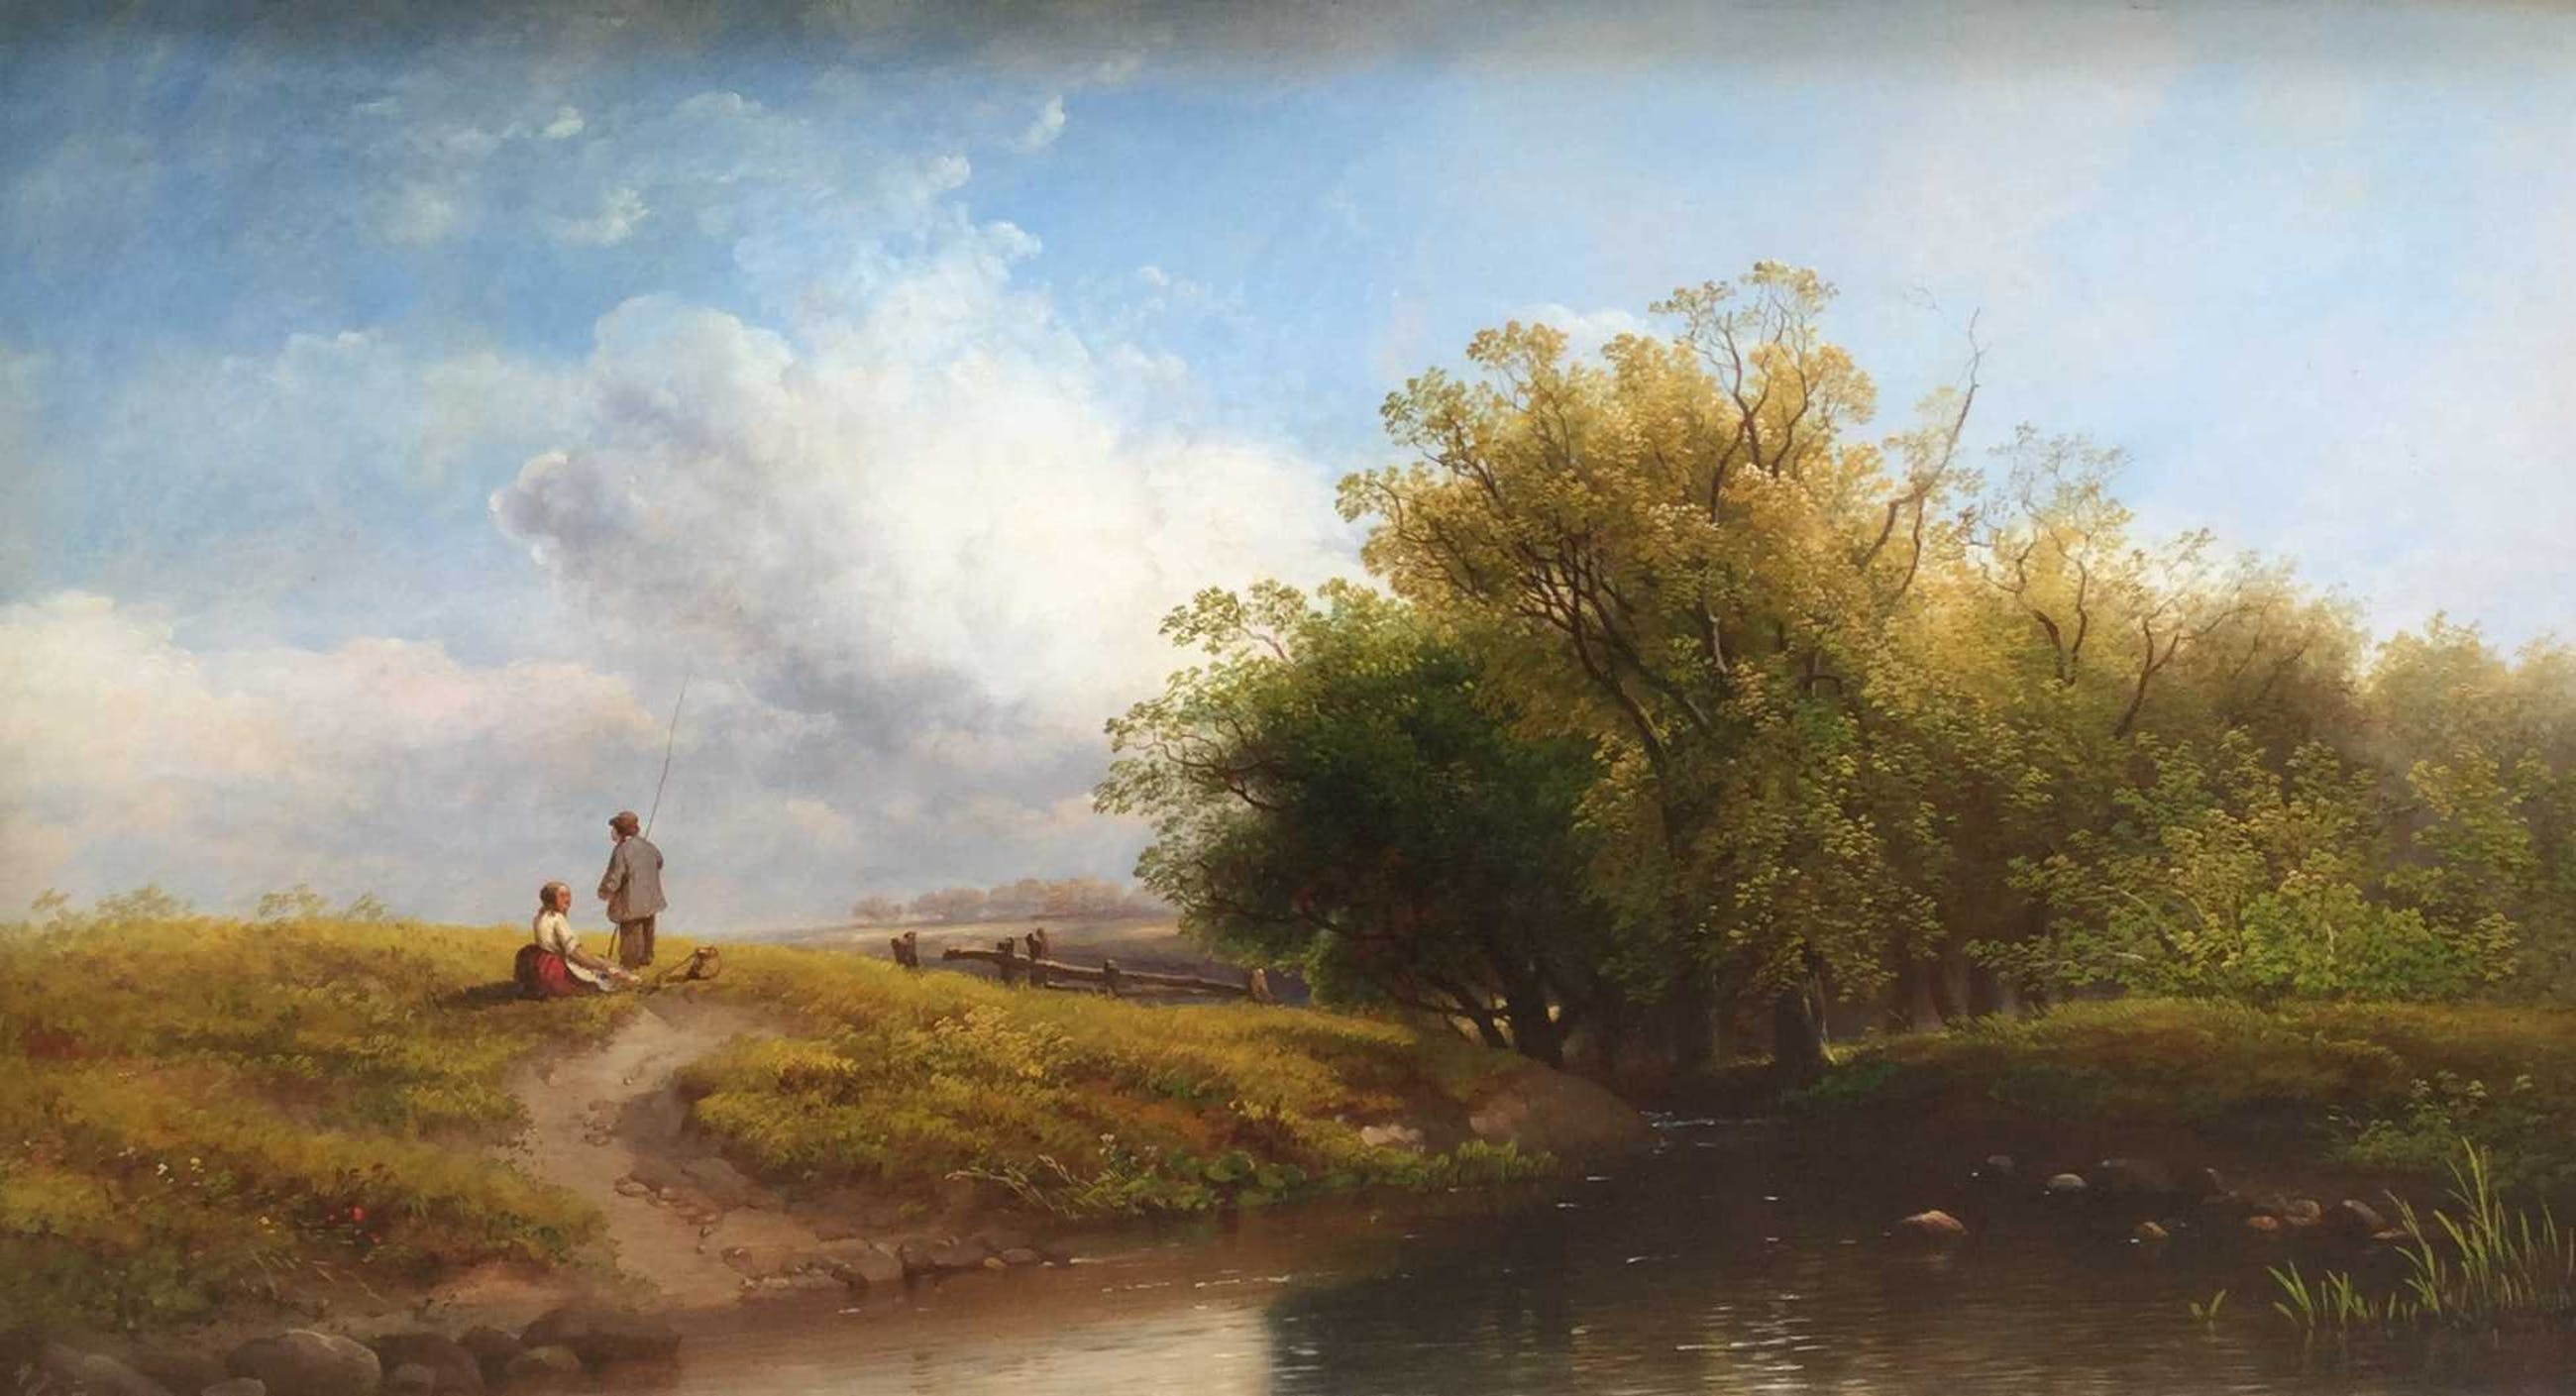 Albert Jurardus van Prooijen - B9724/9414, romantisch landschap met figuren kopen? Bied vanaf 600!